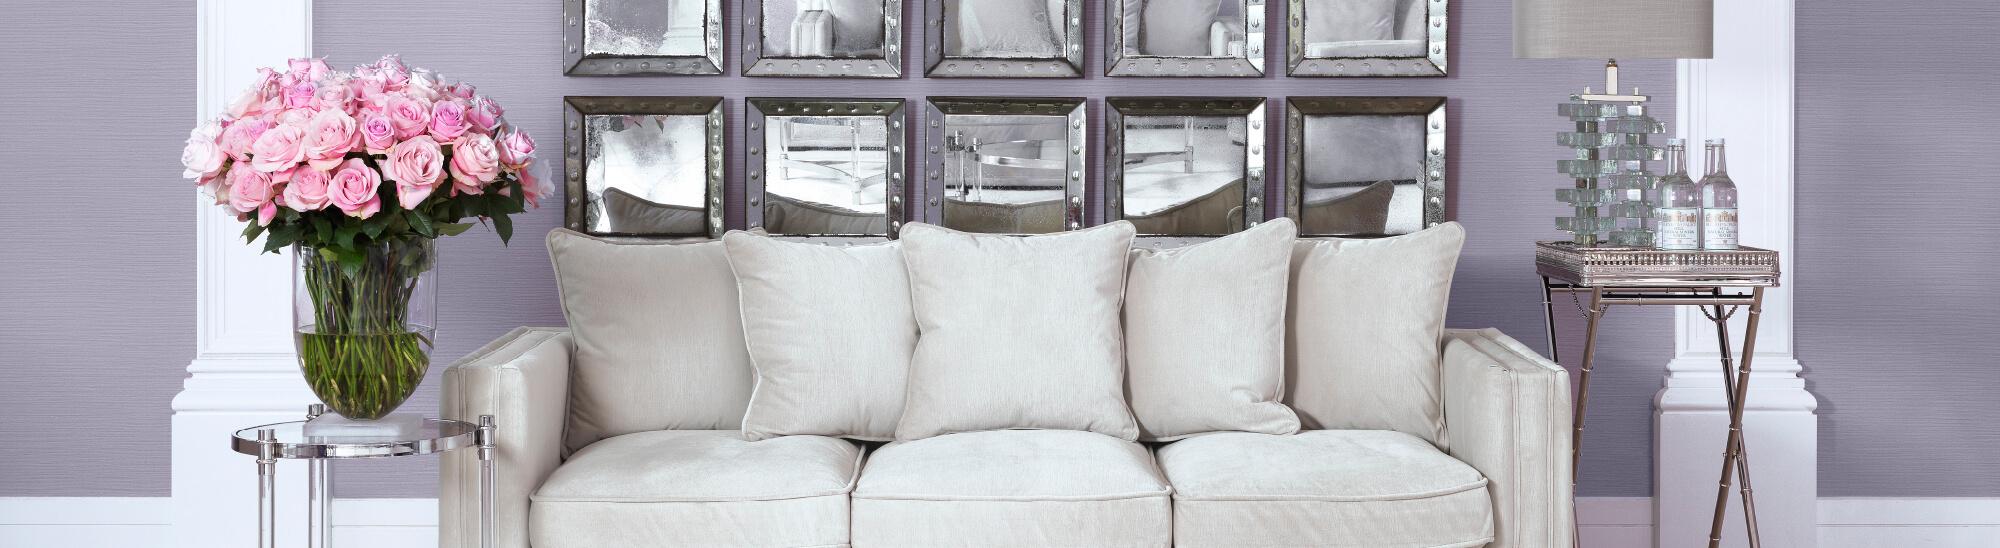 eichholtz m belserien m bel. Black Bedroom Furniture Sets. Home Design Ideas